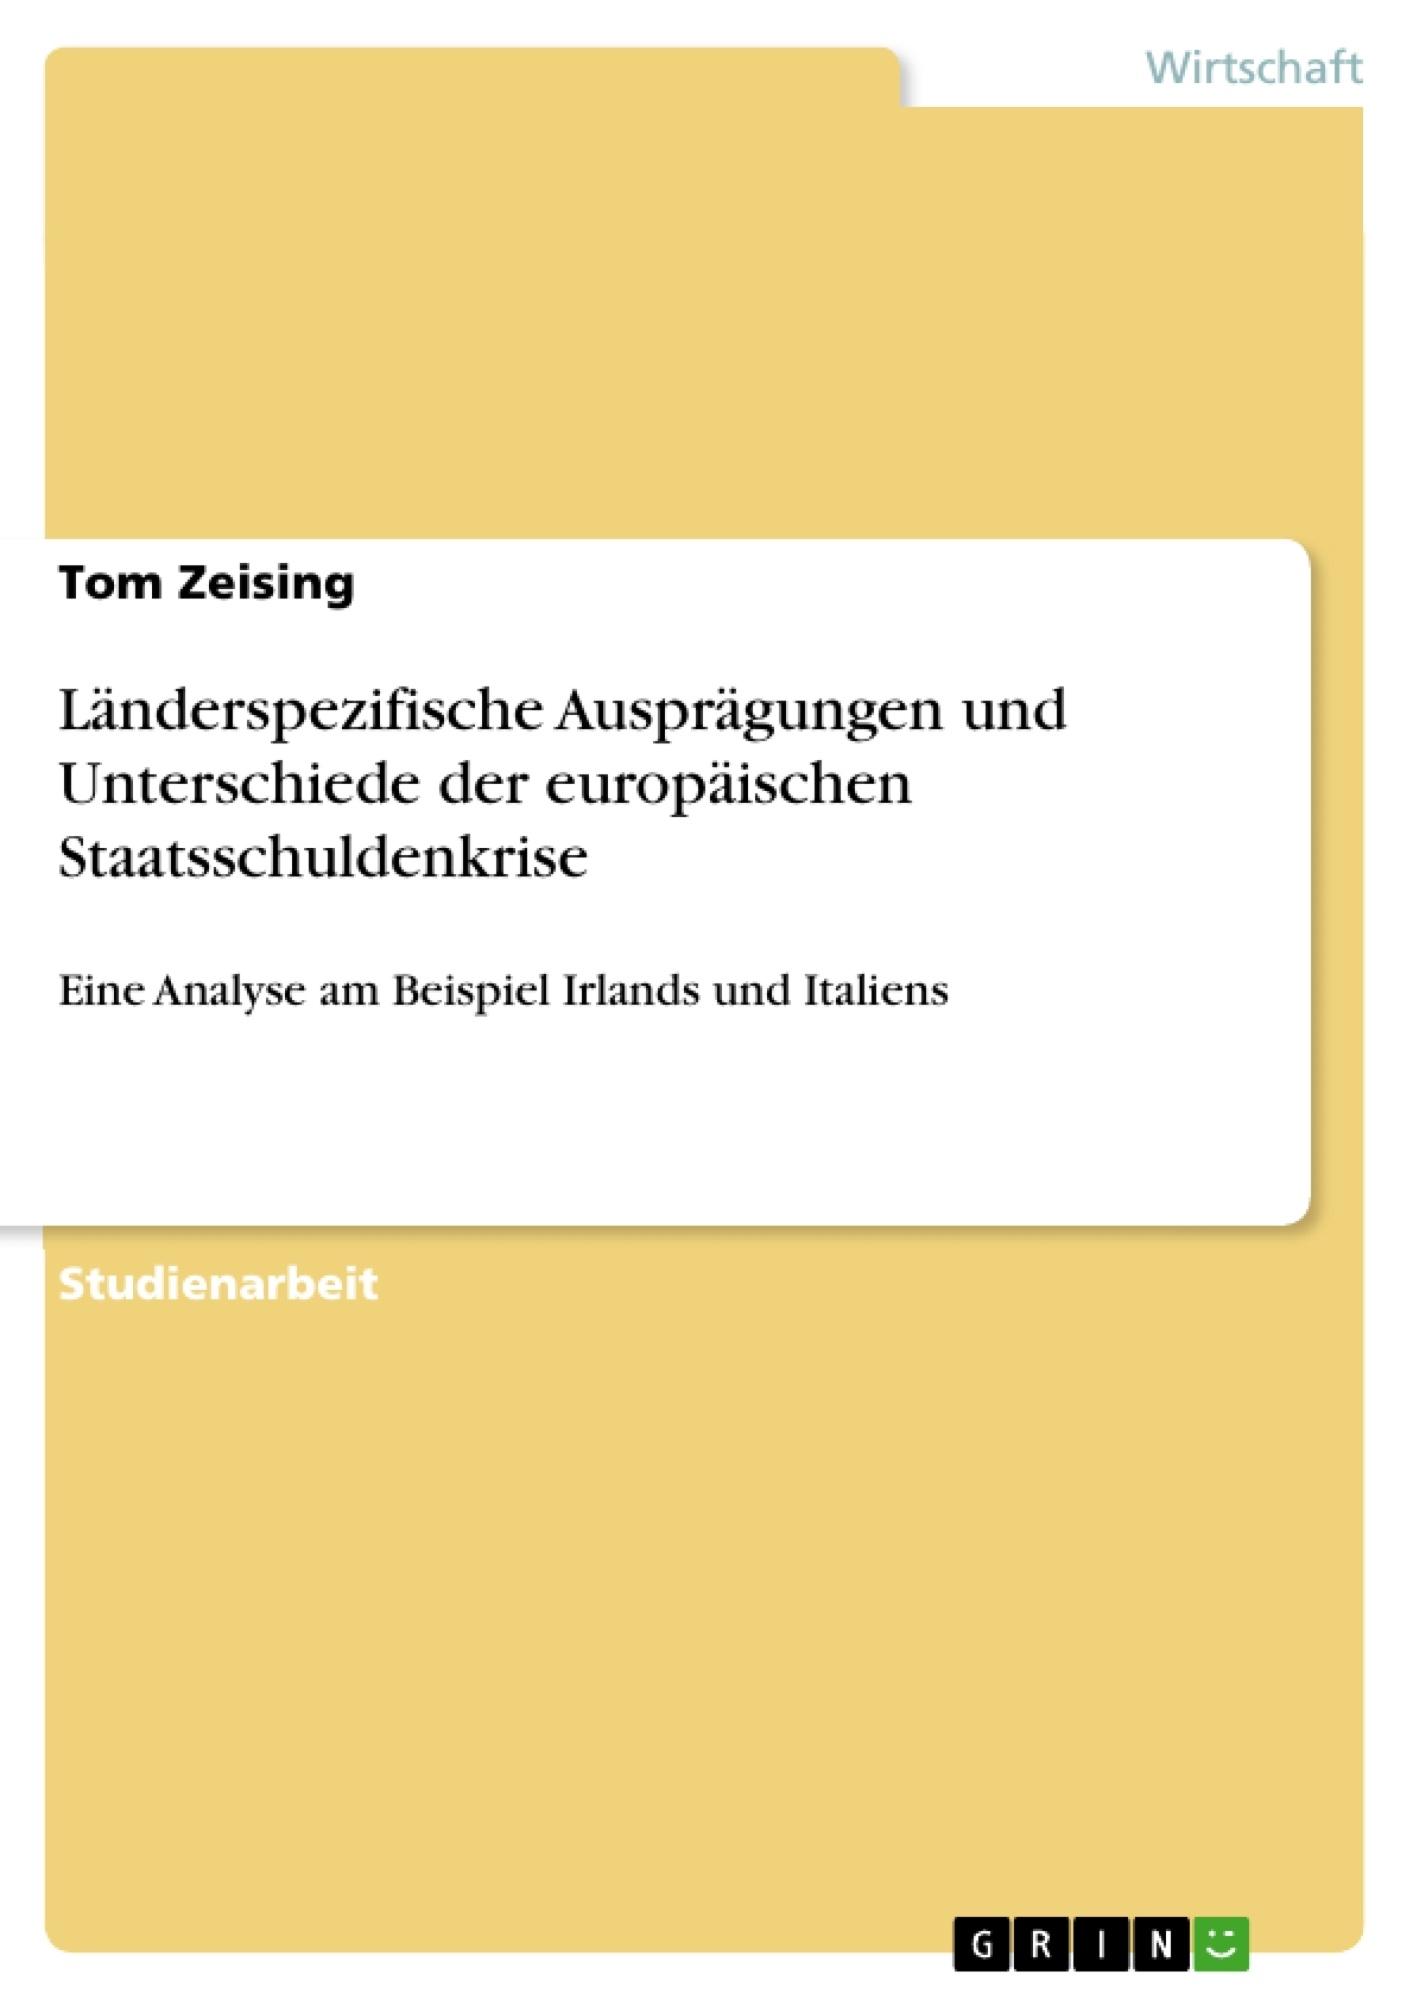 Titel: Länderspezifische Ausprägungen und Unterschiede der europäischen Staatsschuldenkrise